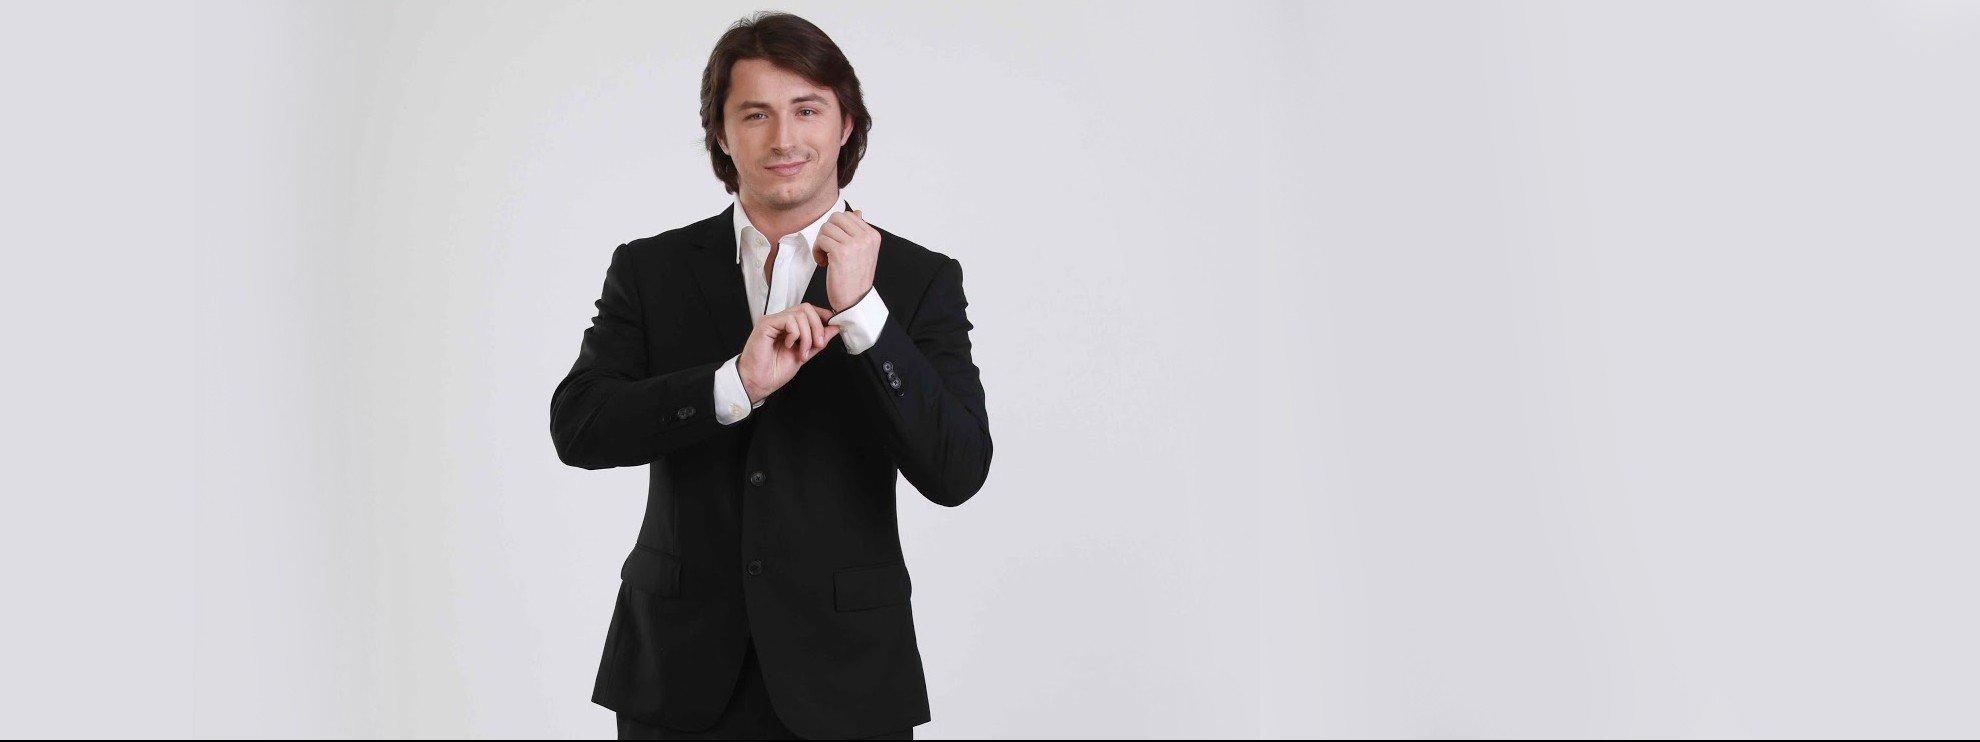 виконавець Сергей Притула